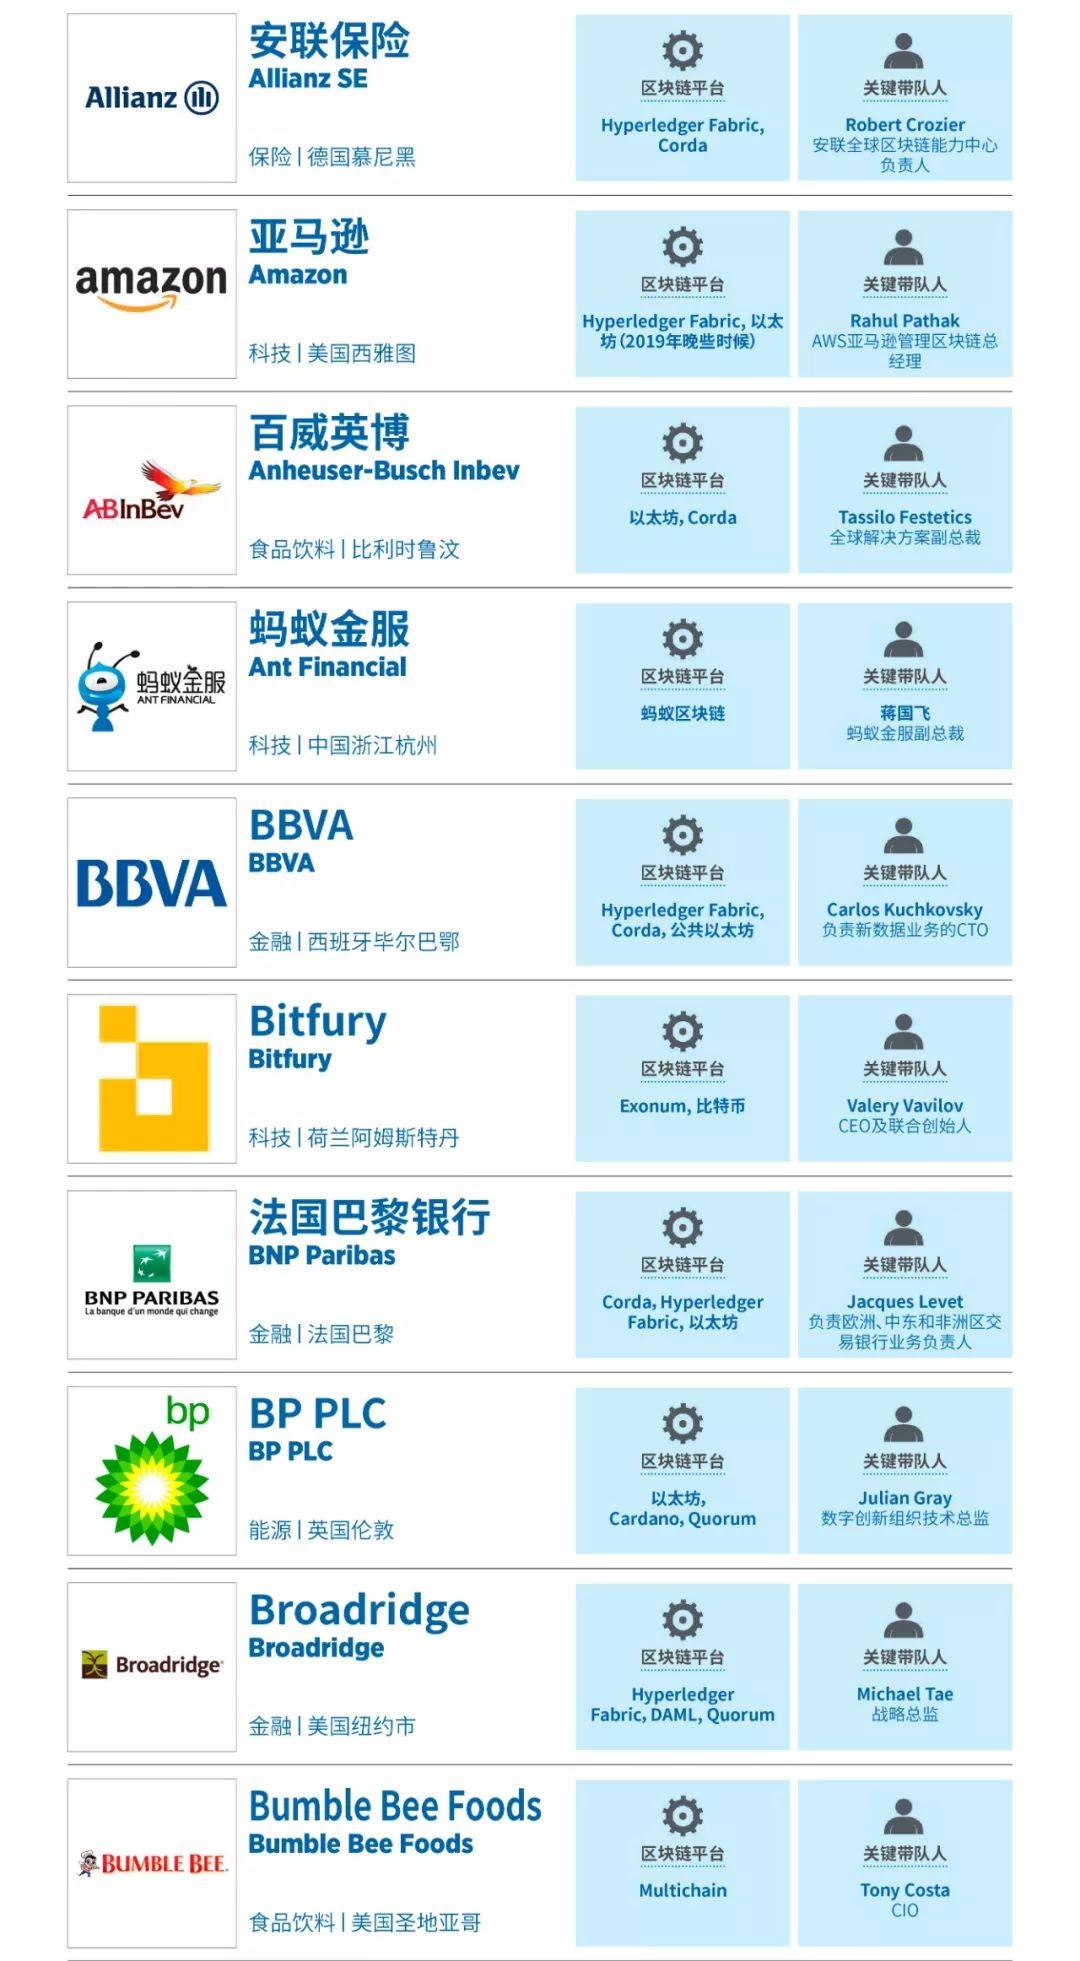 福布斯公布全球区块链50强,蚂蚁金服、富士康入选(附完整榜单)